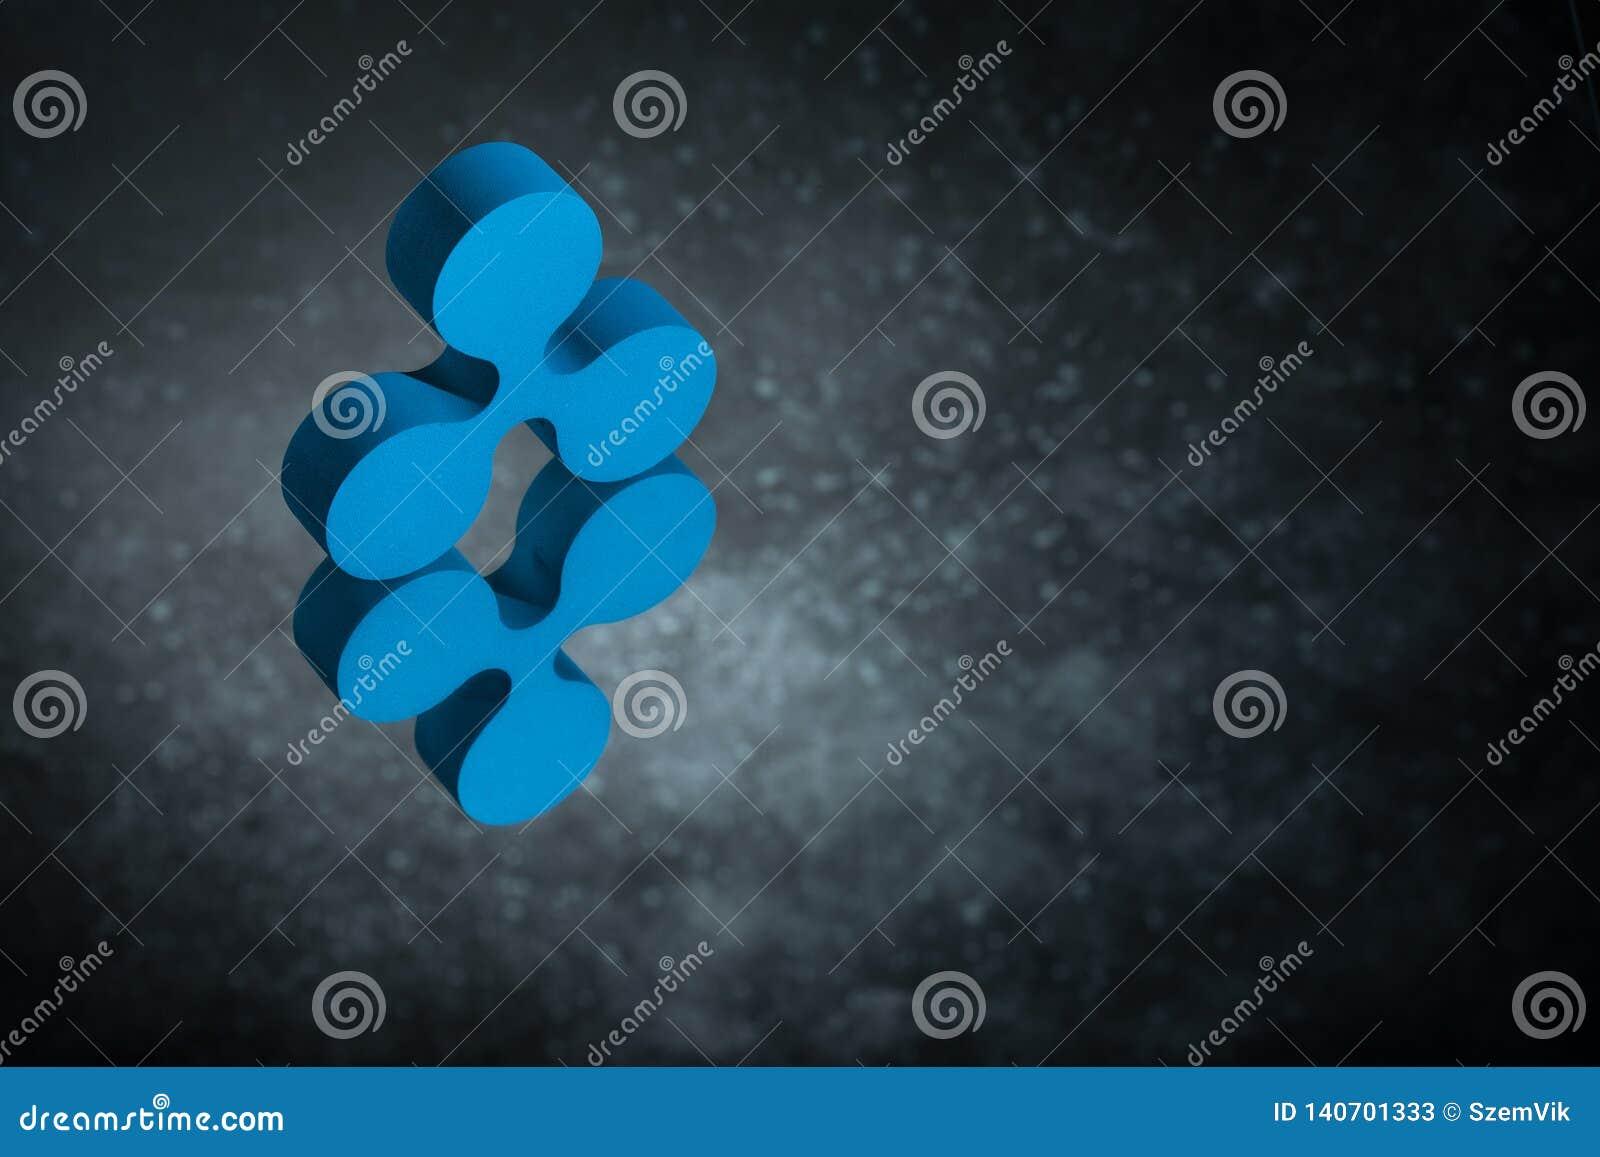 Blått krusningsvalutasymbol eller i spegelreflexion på mörka Dusty Background